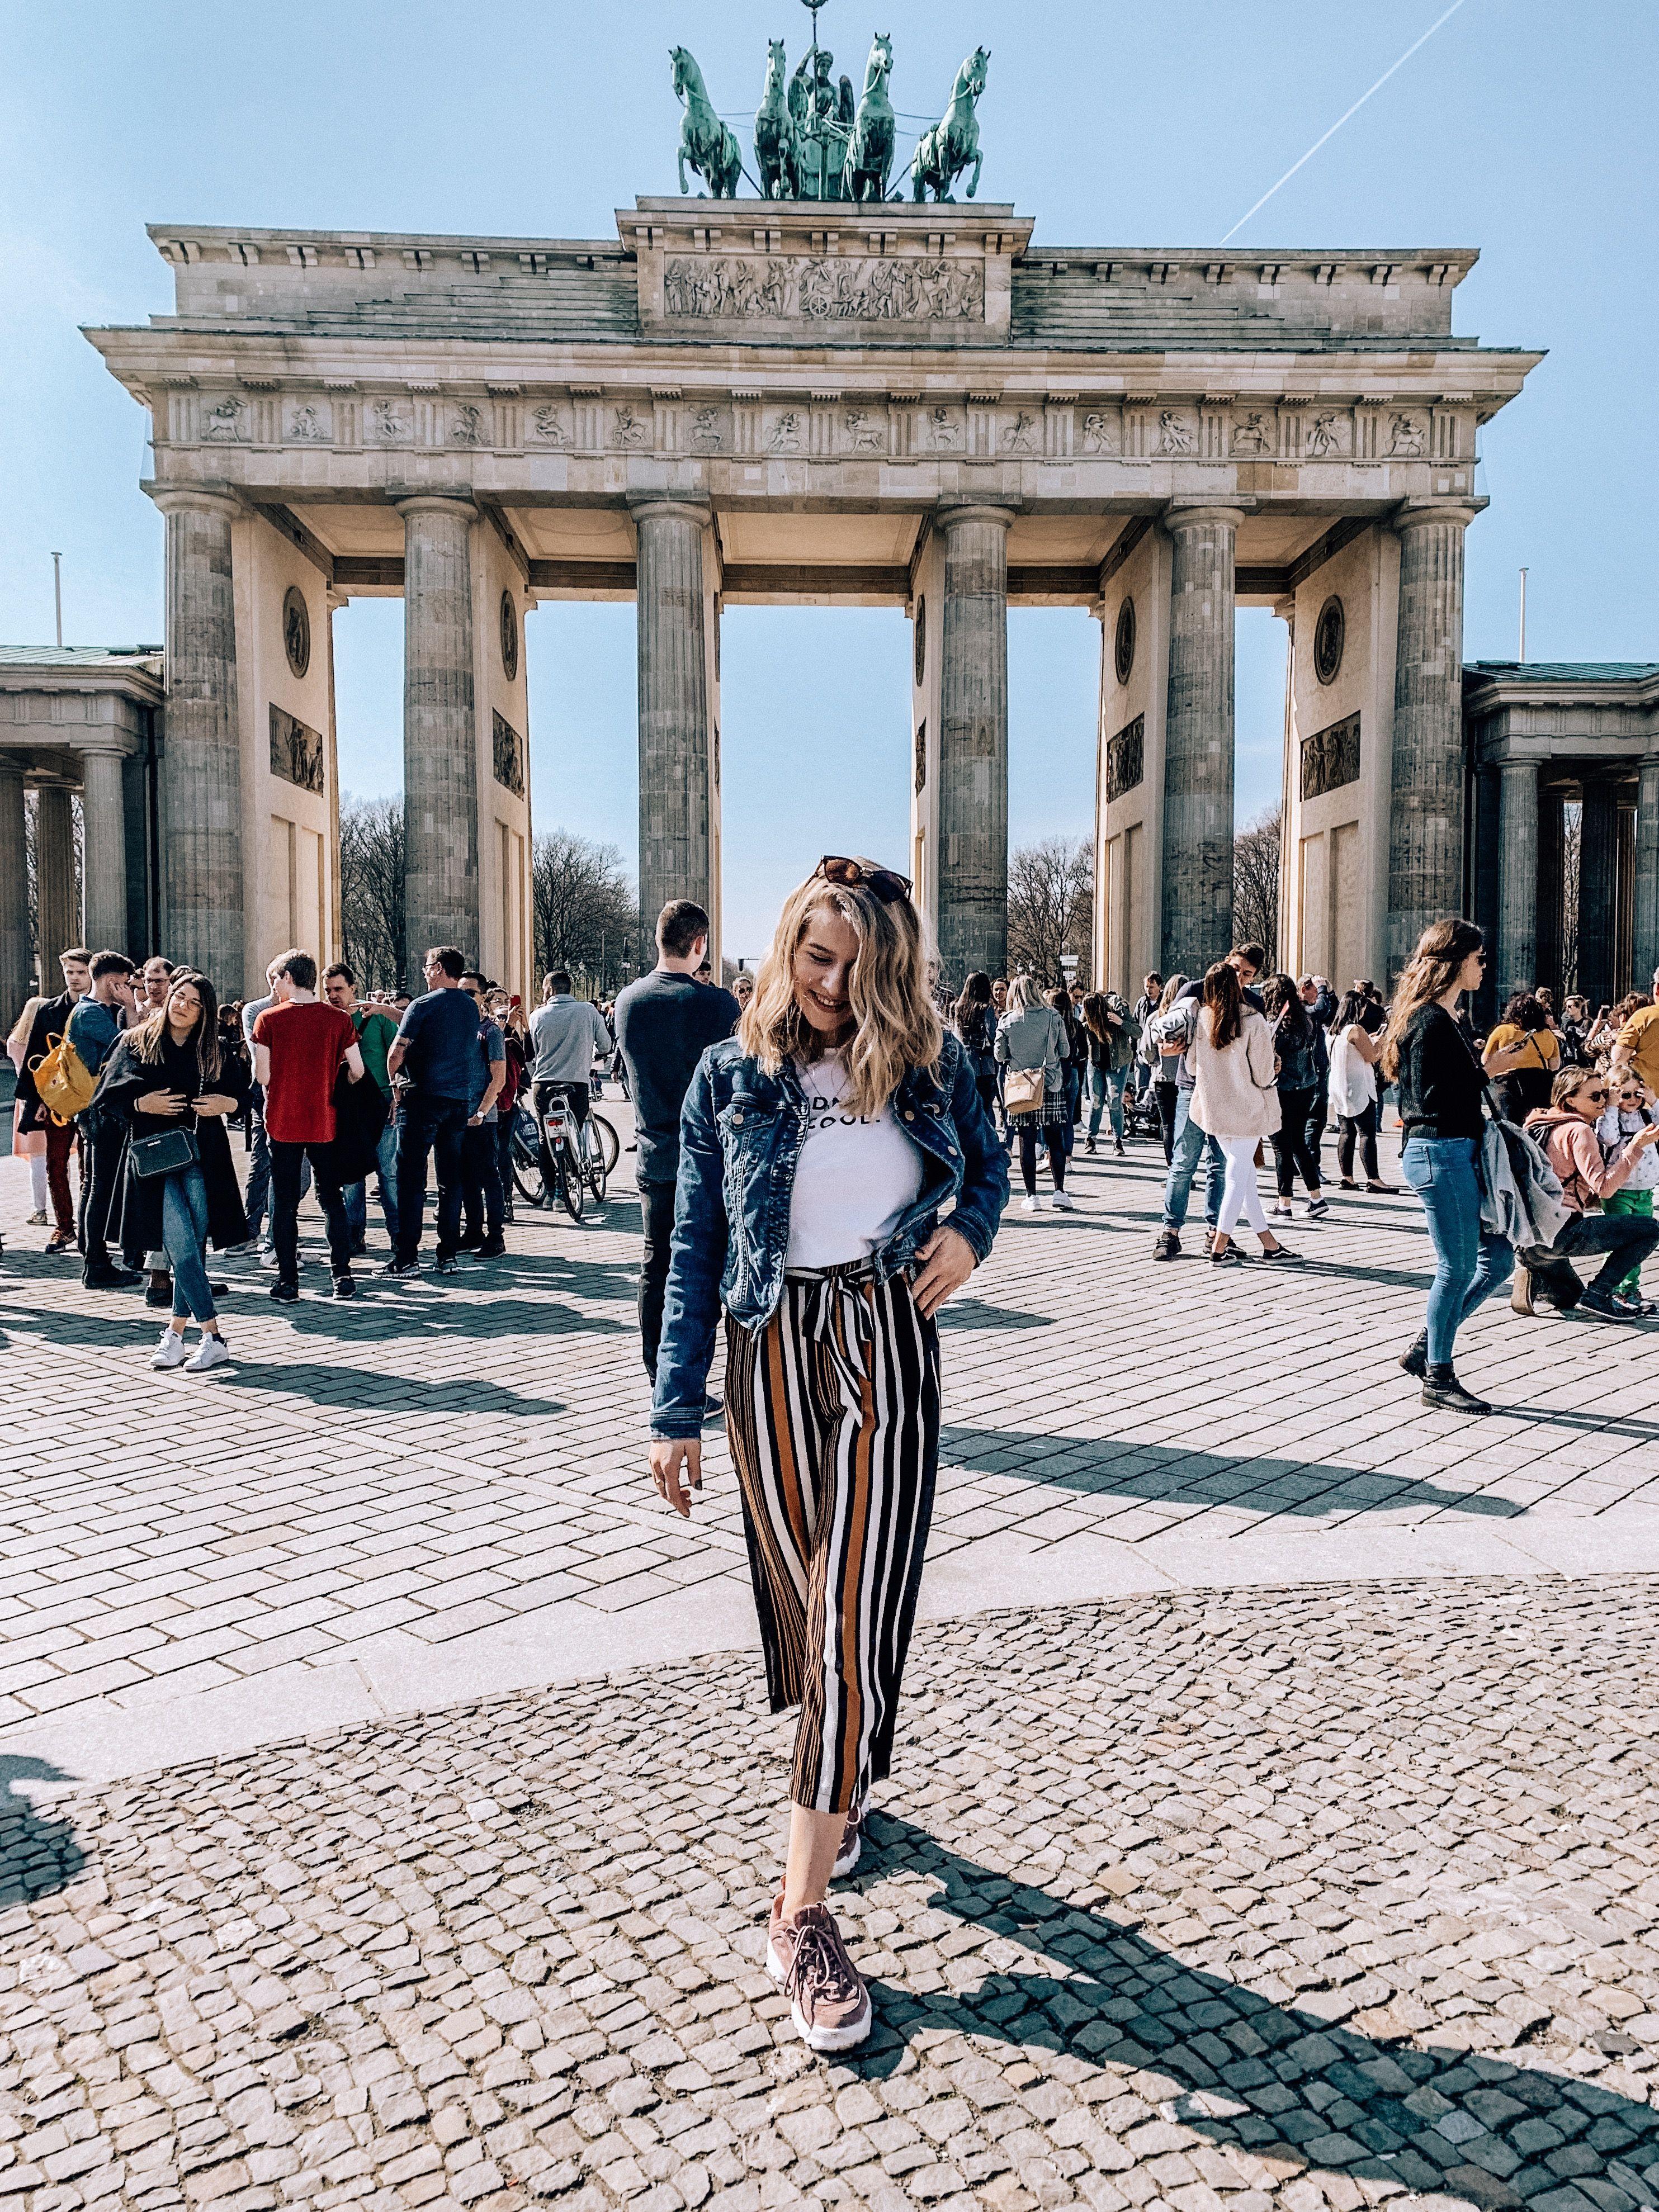 The Best Highlights Of Berlin Berlin Photography Berlin Travel Berlin Photos